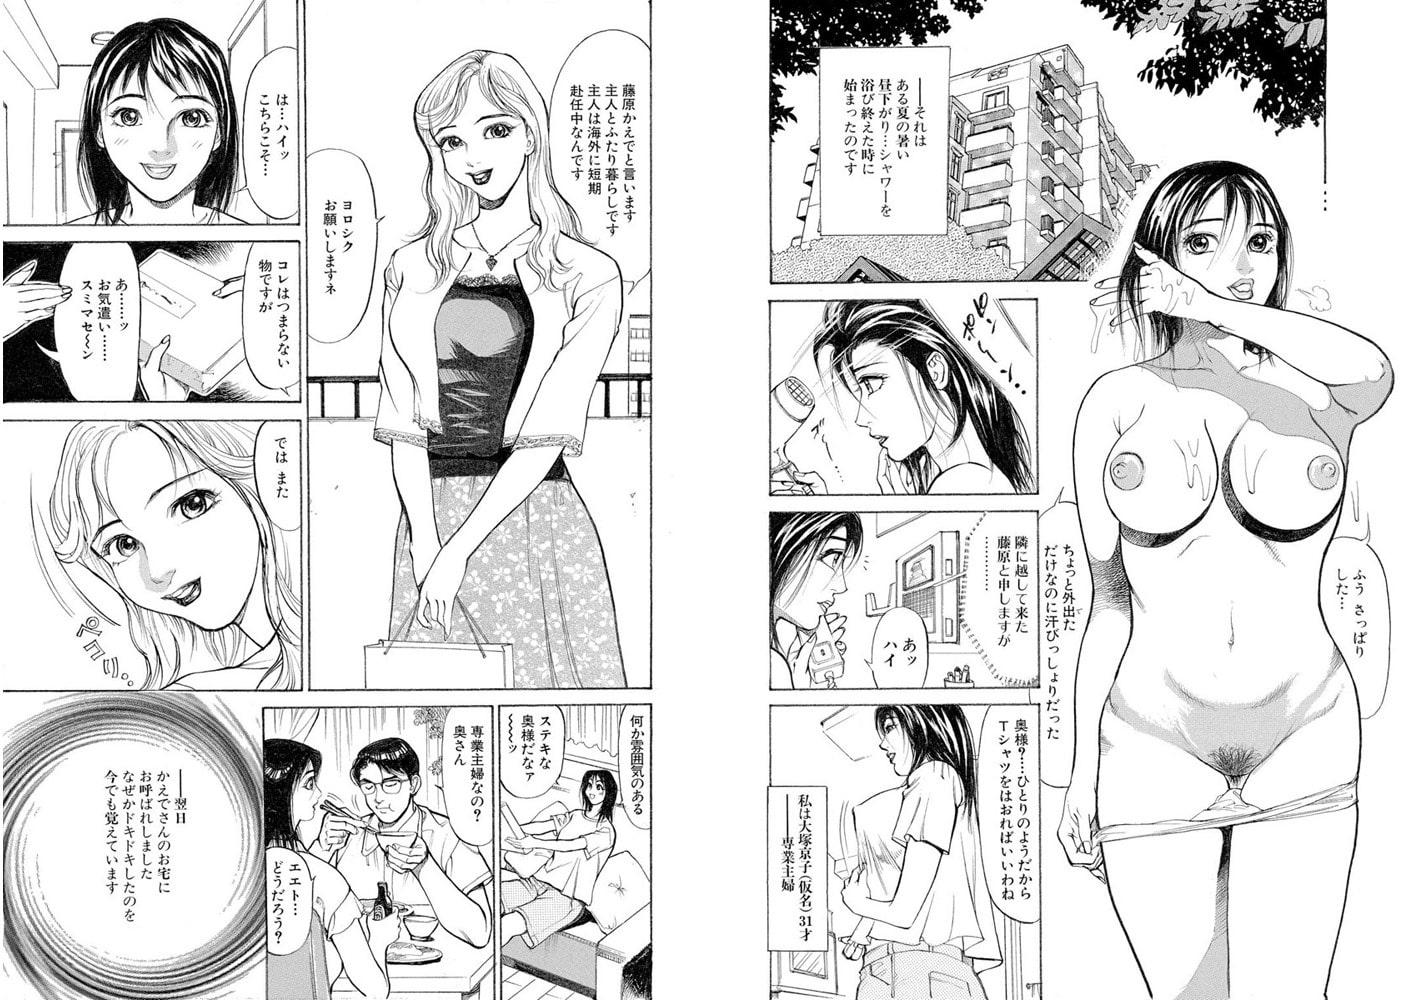 仕込まれた人妻 媚肉とアクメ【分冊版】 1巻